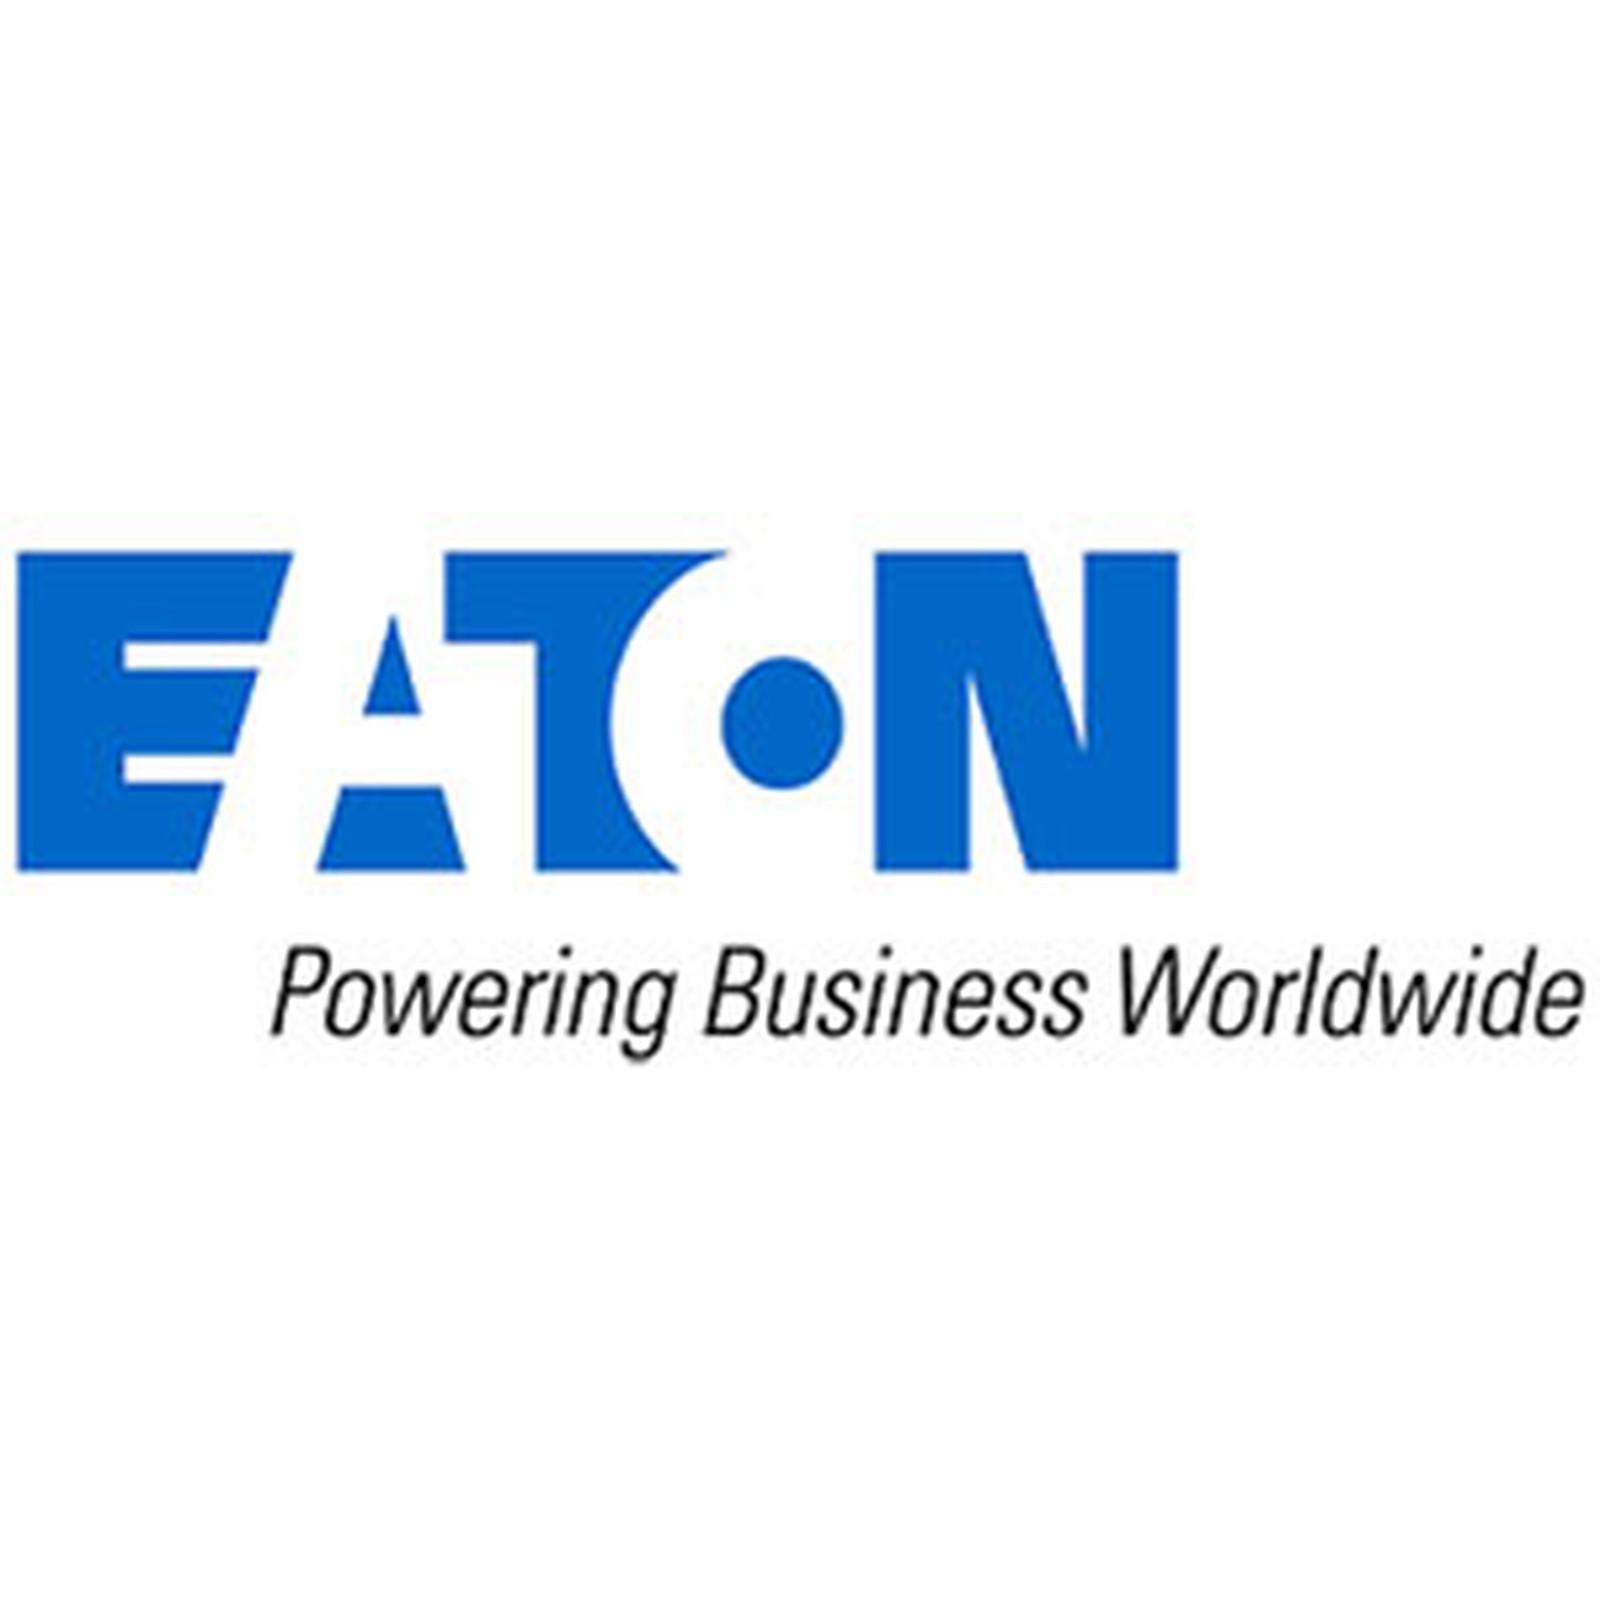 Eaton Garantía de 3 añosincluyendo baterías (Garantía+) 66811